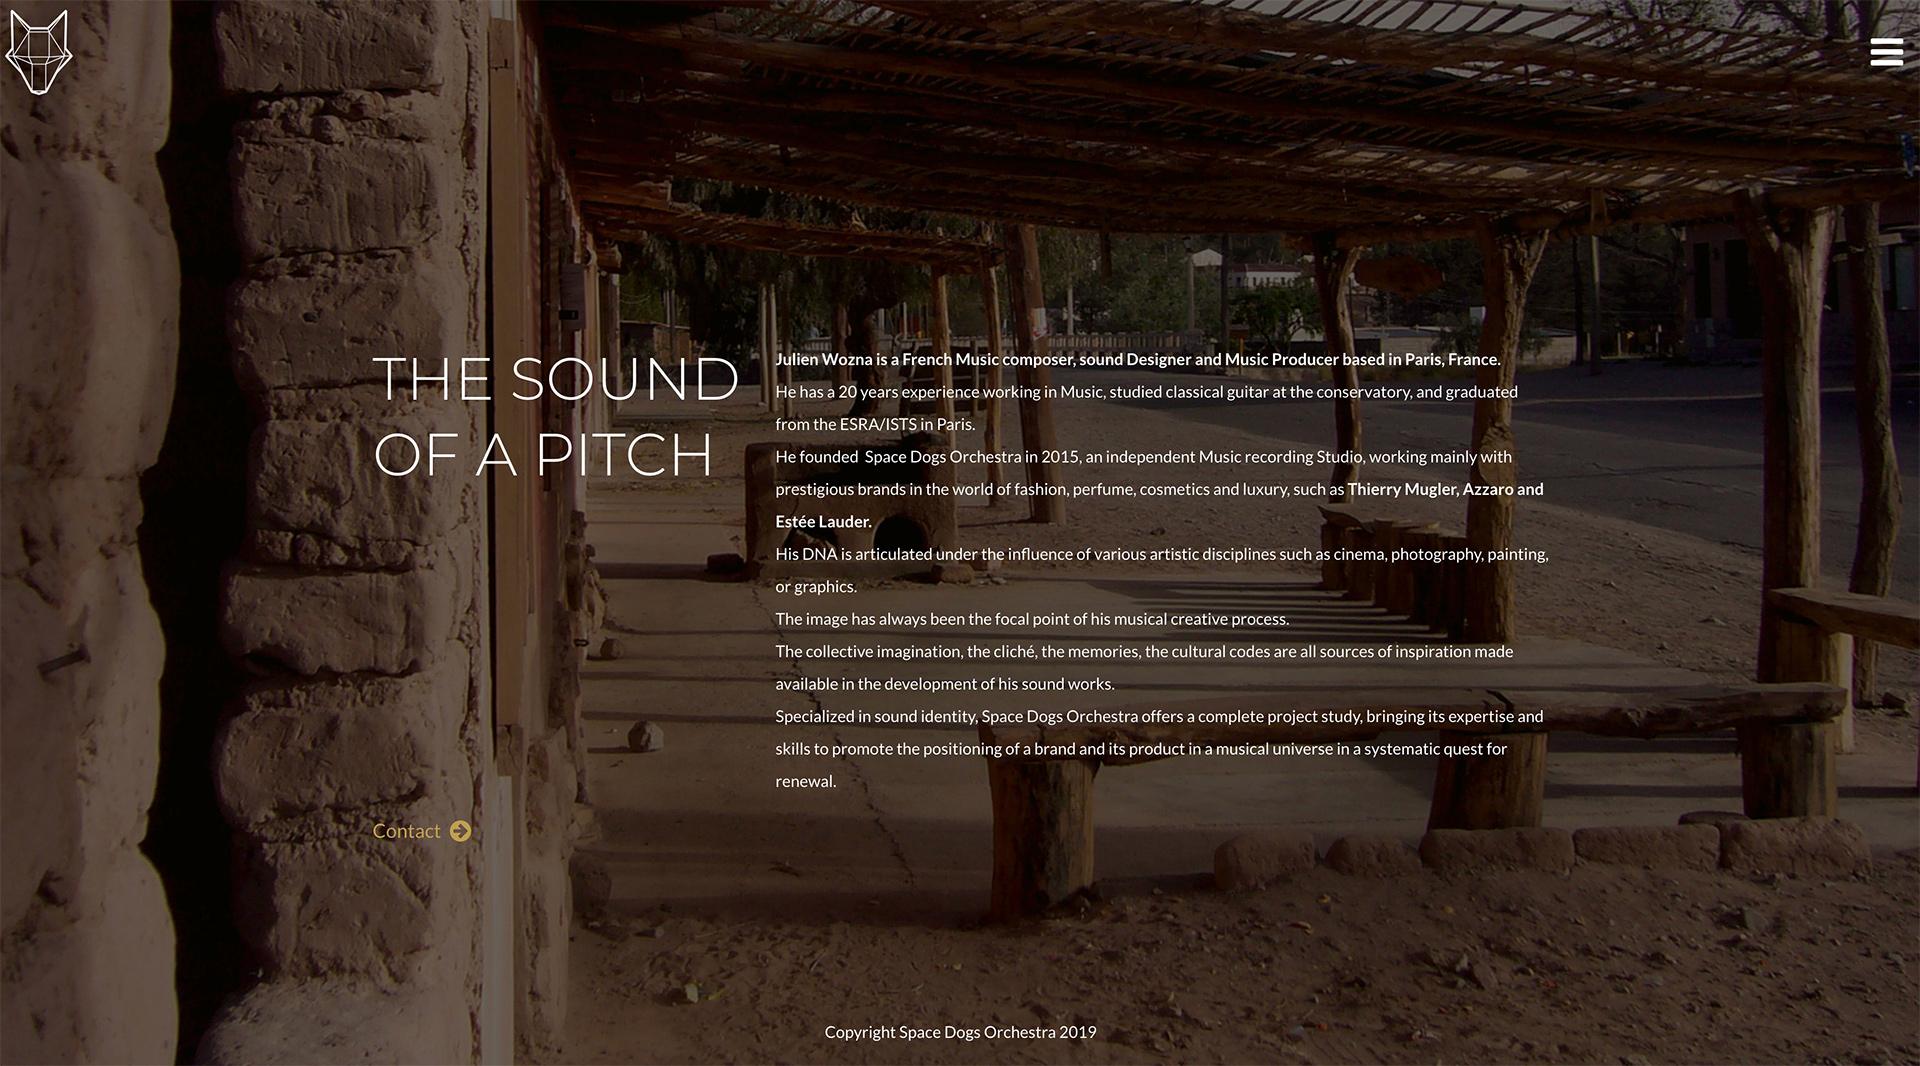 Webdesign et développpement pour un studio de composition musicale - sound design à Paris. Descriptif du studio.